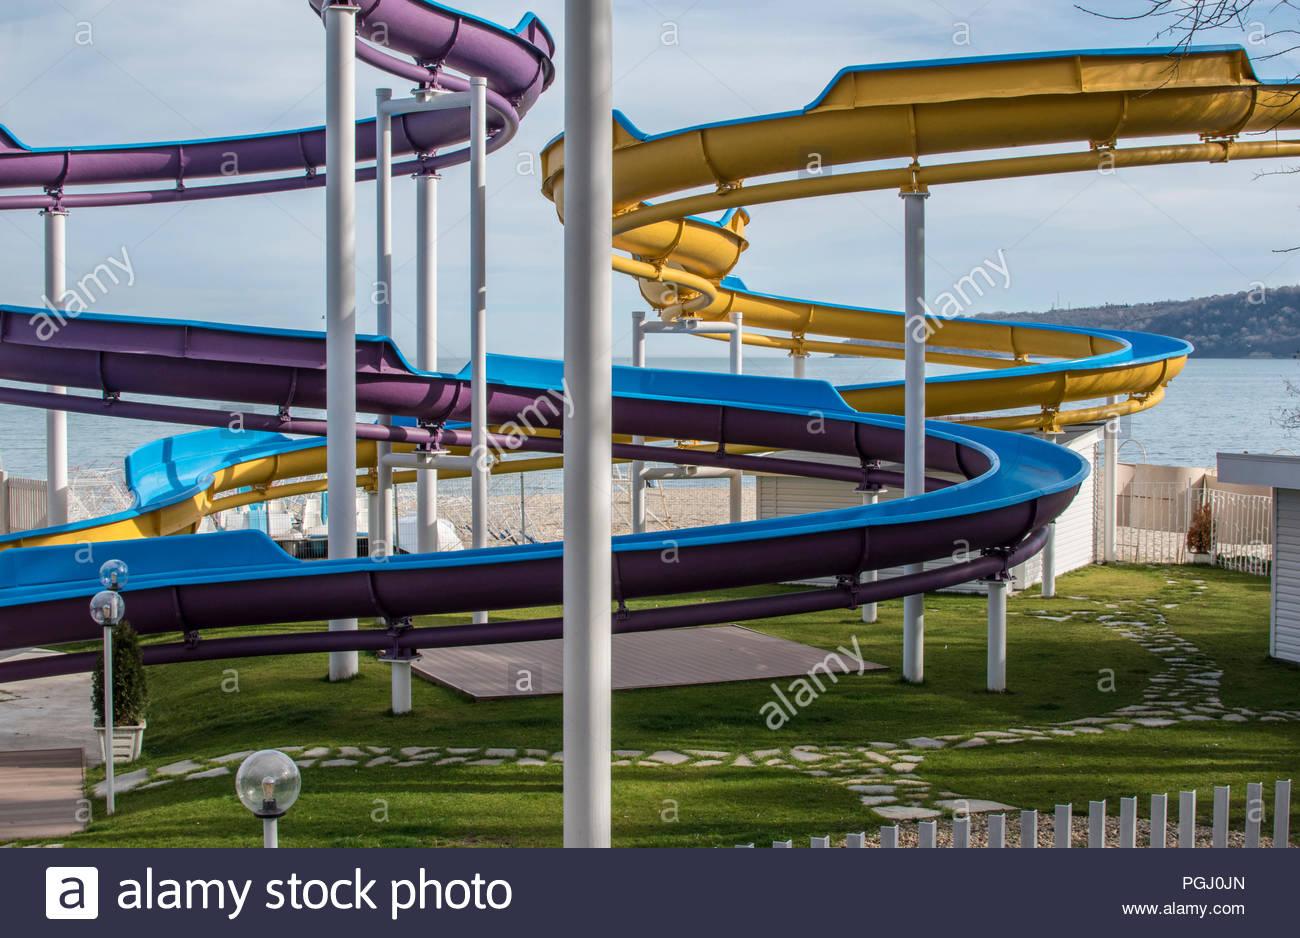 Wasserrutsche Im Garten Am Meer In Varna Stockfoto Bild 216754573